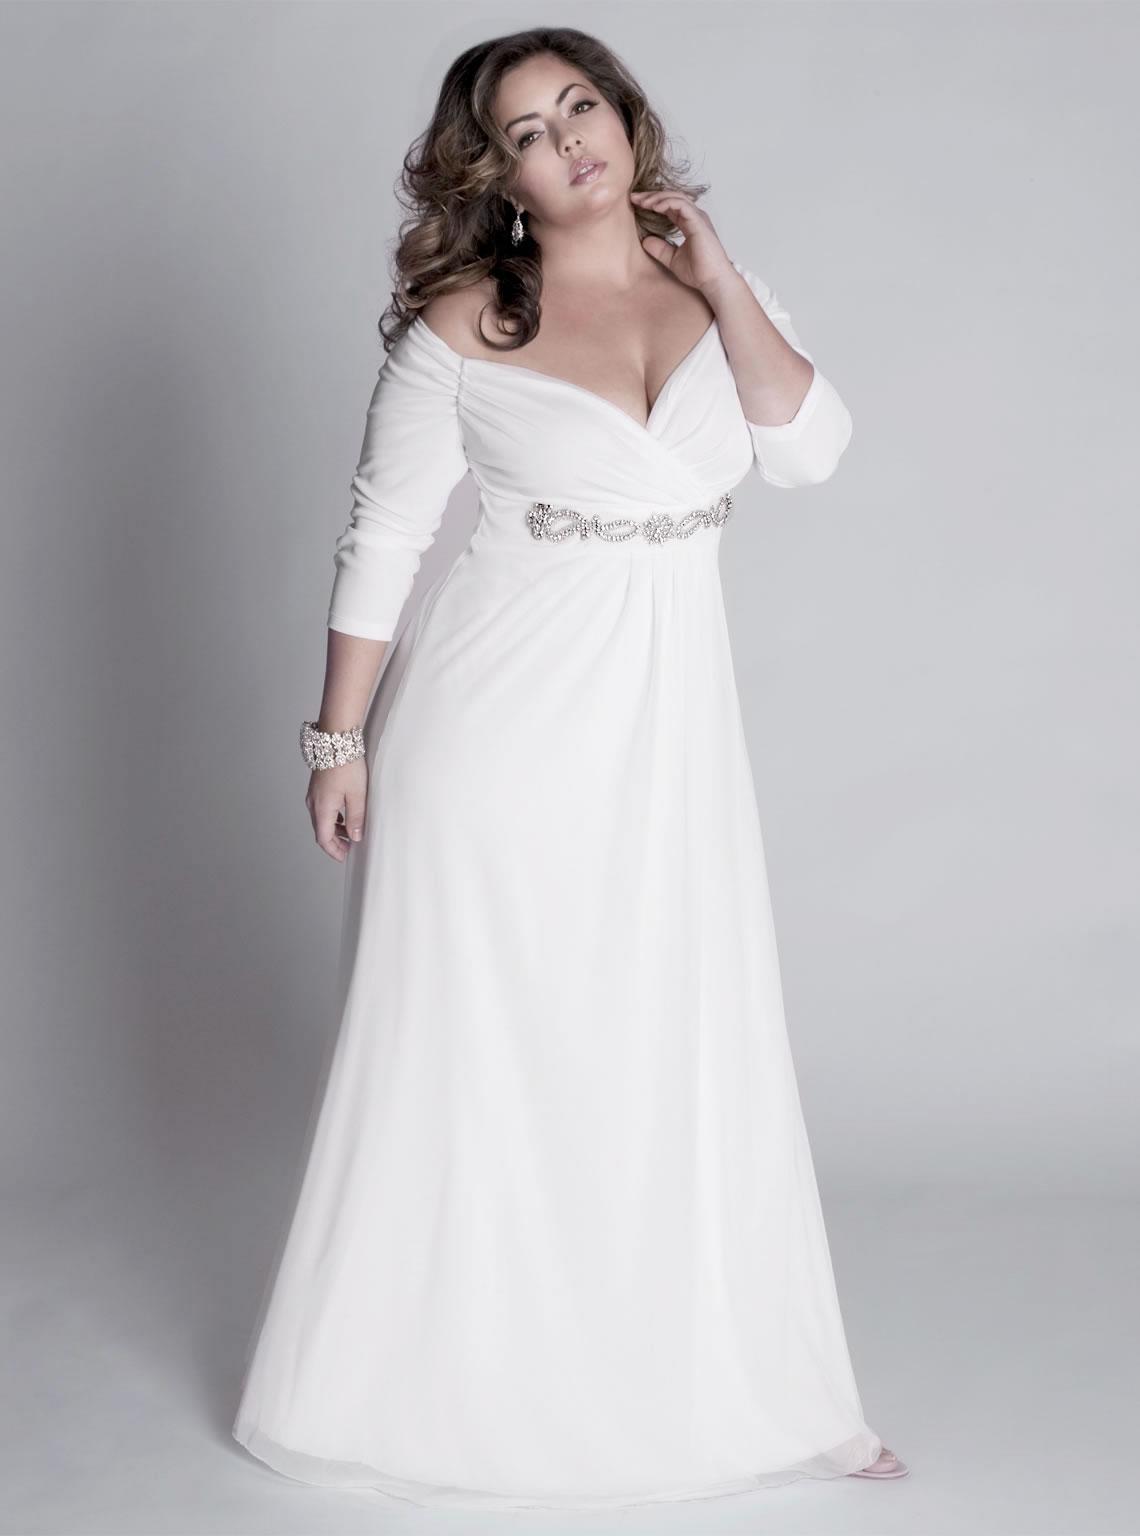 Ungewöhnlich Prom Kleider Für Plus Size Galerie - Brautkleider Ideen ...